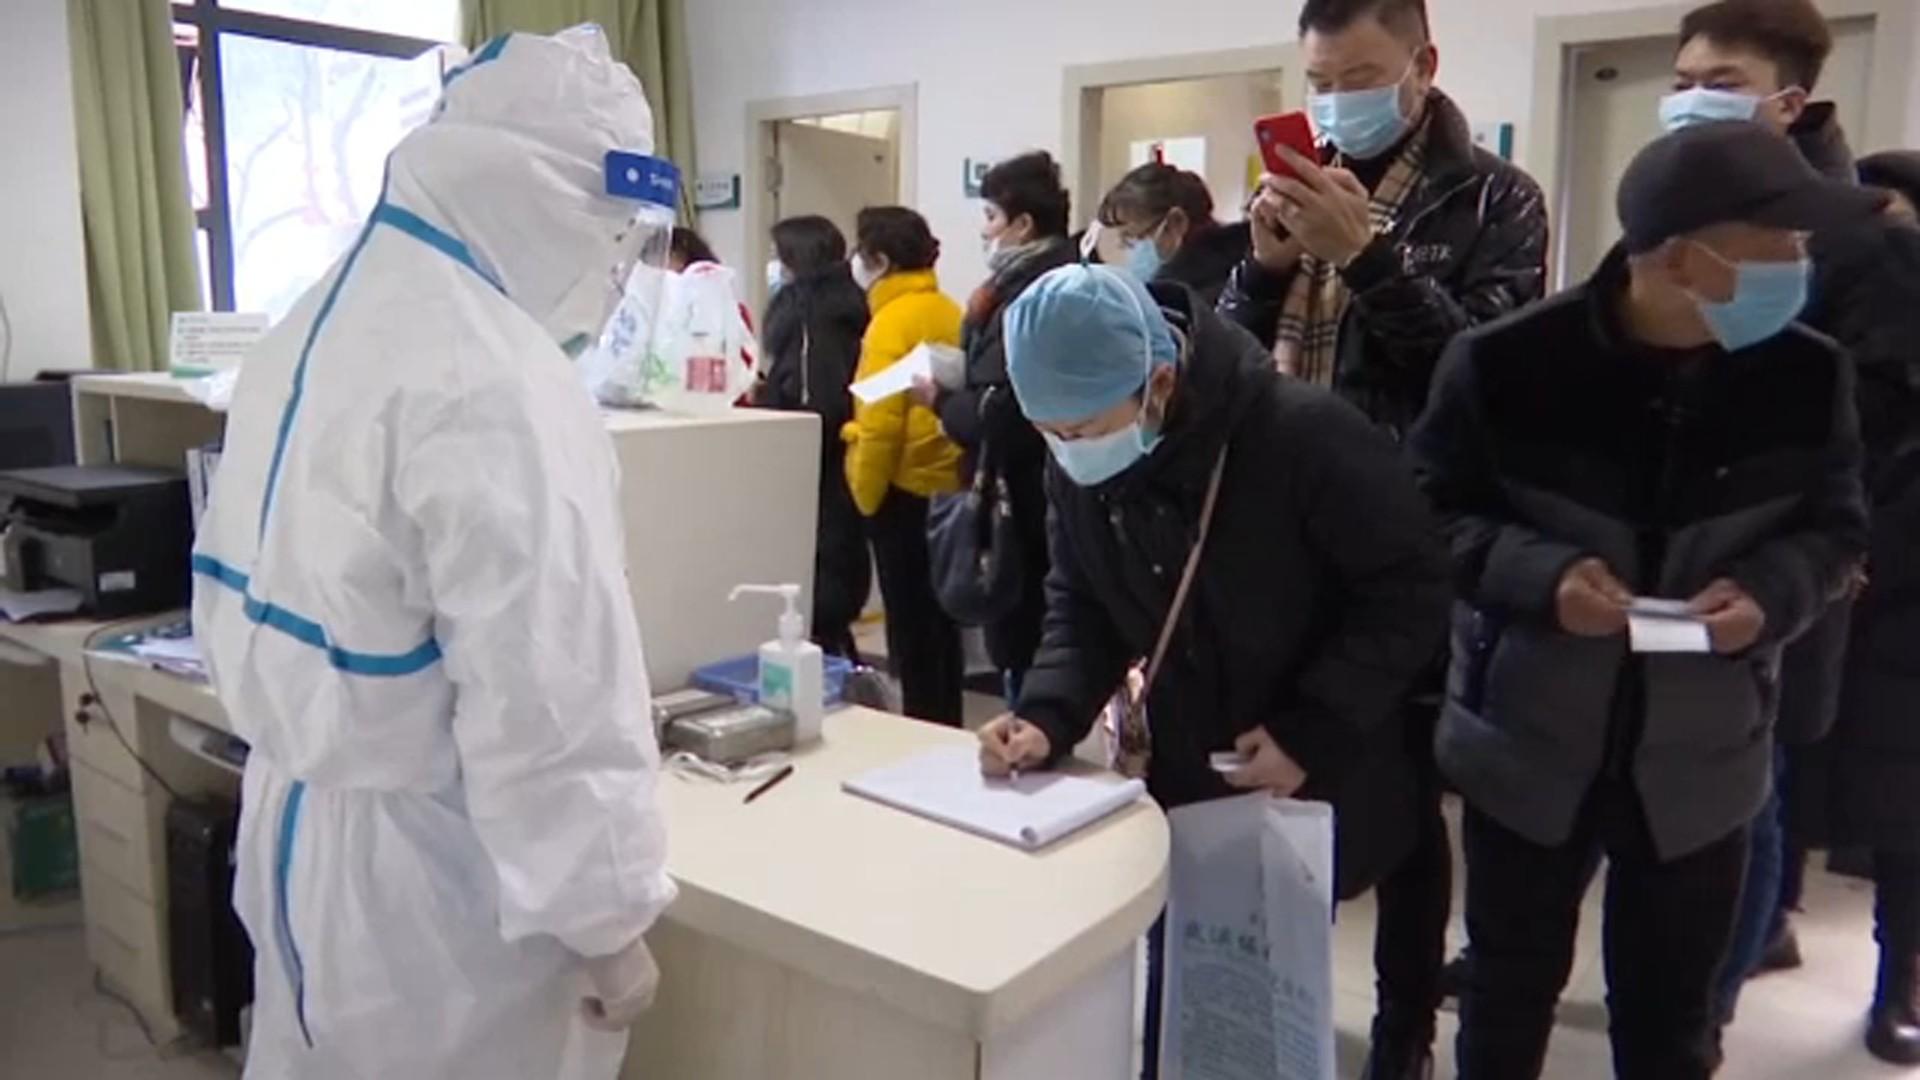 Au fost confirmate primele cazuri de coronavirus în Europa!